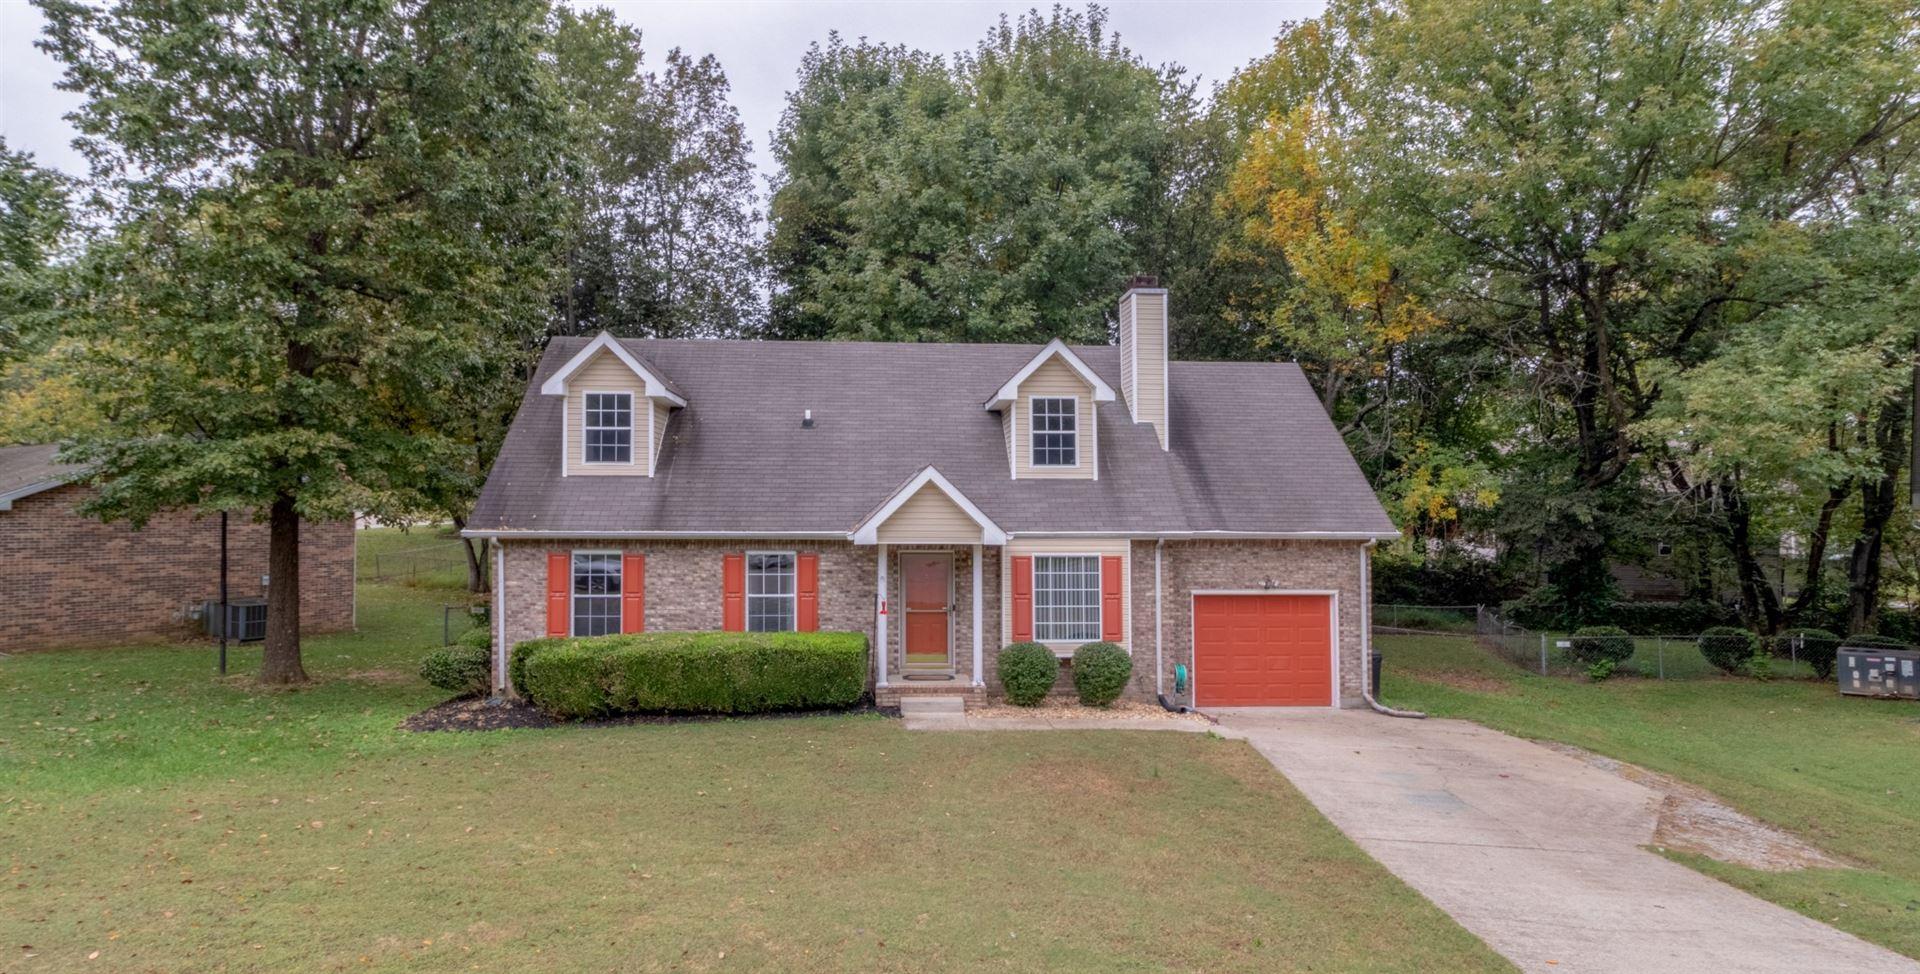 103 Deepwood Ct, Clarksville, TN 37042 - MLS#: 2279567